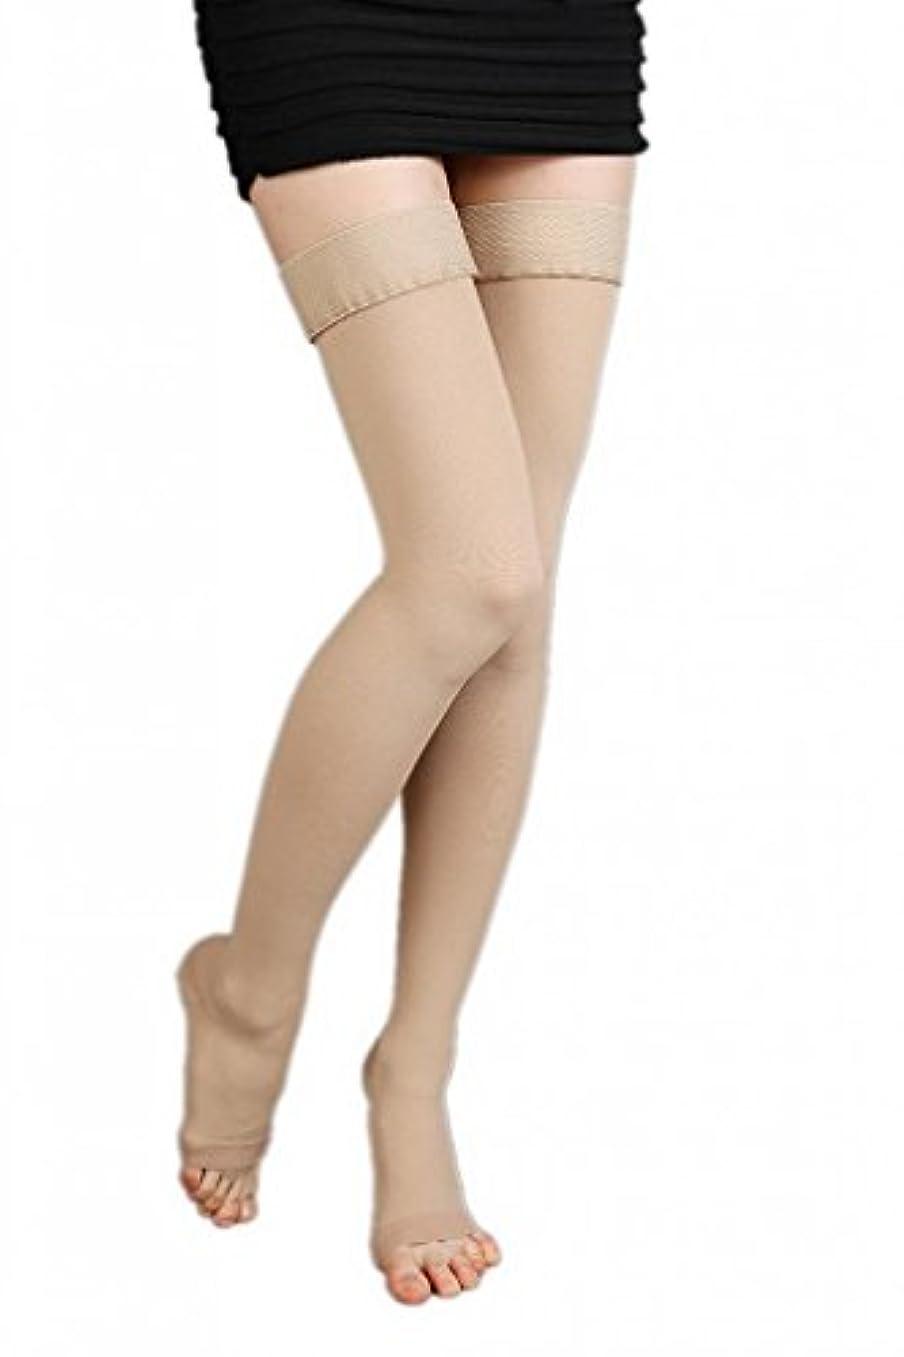 除外する週間似ている(ラボーグ)La Vogue 美脚 着圧オーバーニーソックス ハイソックス 靴下 弾性ストッキング つま先なし着圧ソックス M 3級高圧 肌色